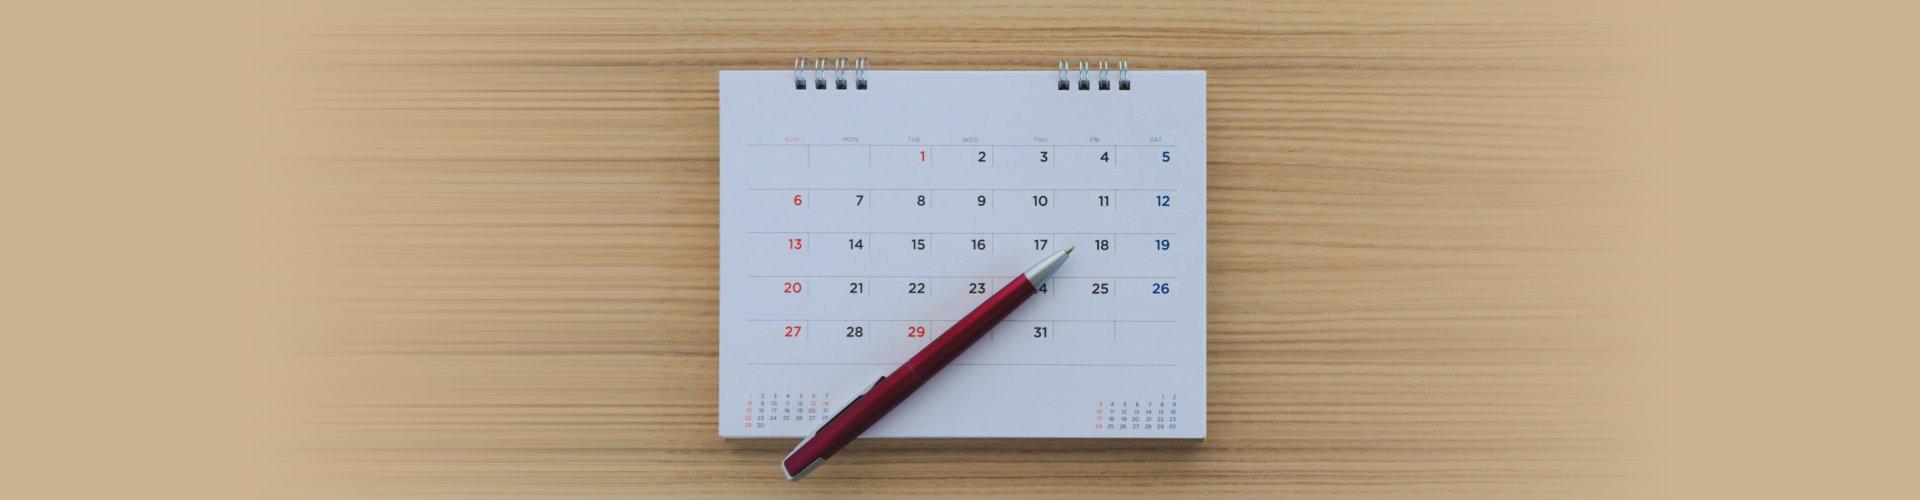 pen on top of a calendar